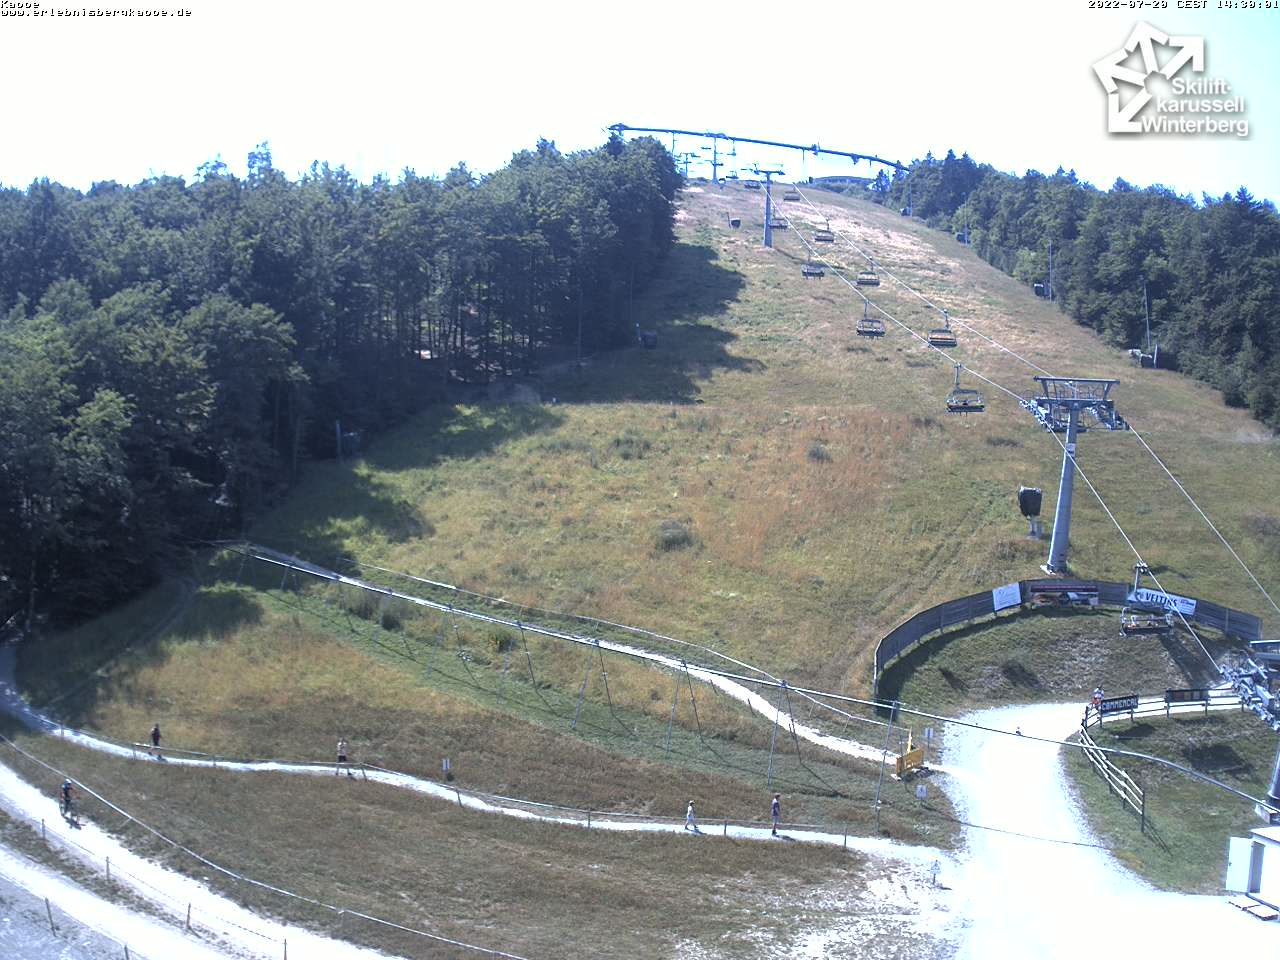 Webcam Kappe - Skiliftkarussell Winterberg